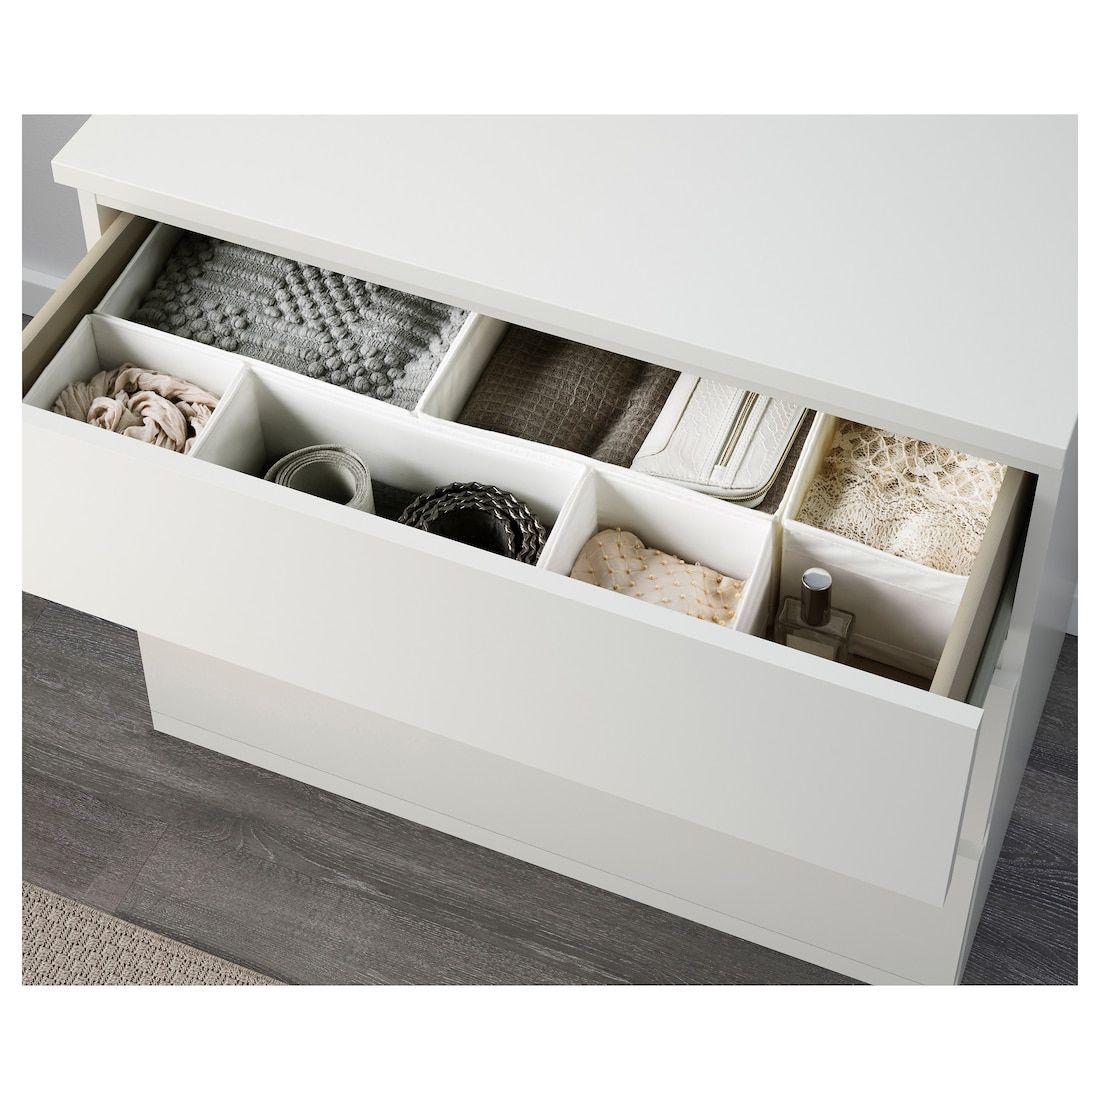 Best Malm 3 Drawer Chest White 31 1 2X30 3 4 Ikea Malm 400 x 300